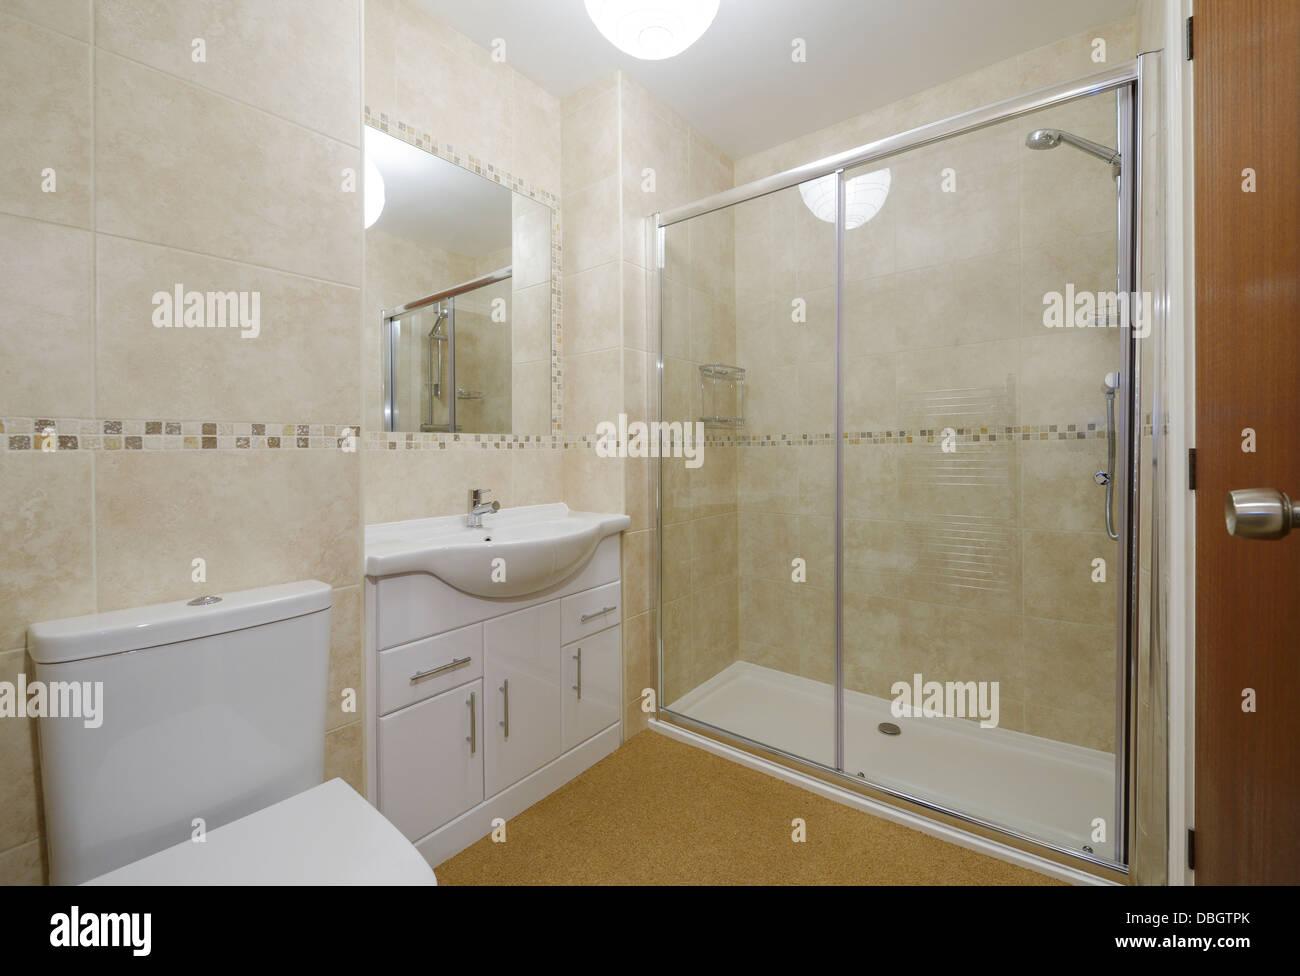 Modernes Kleines Bad Mit Toilette, Waschbecken Und Dusche